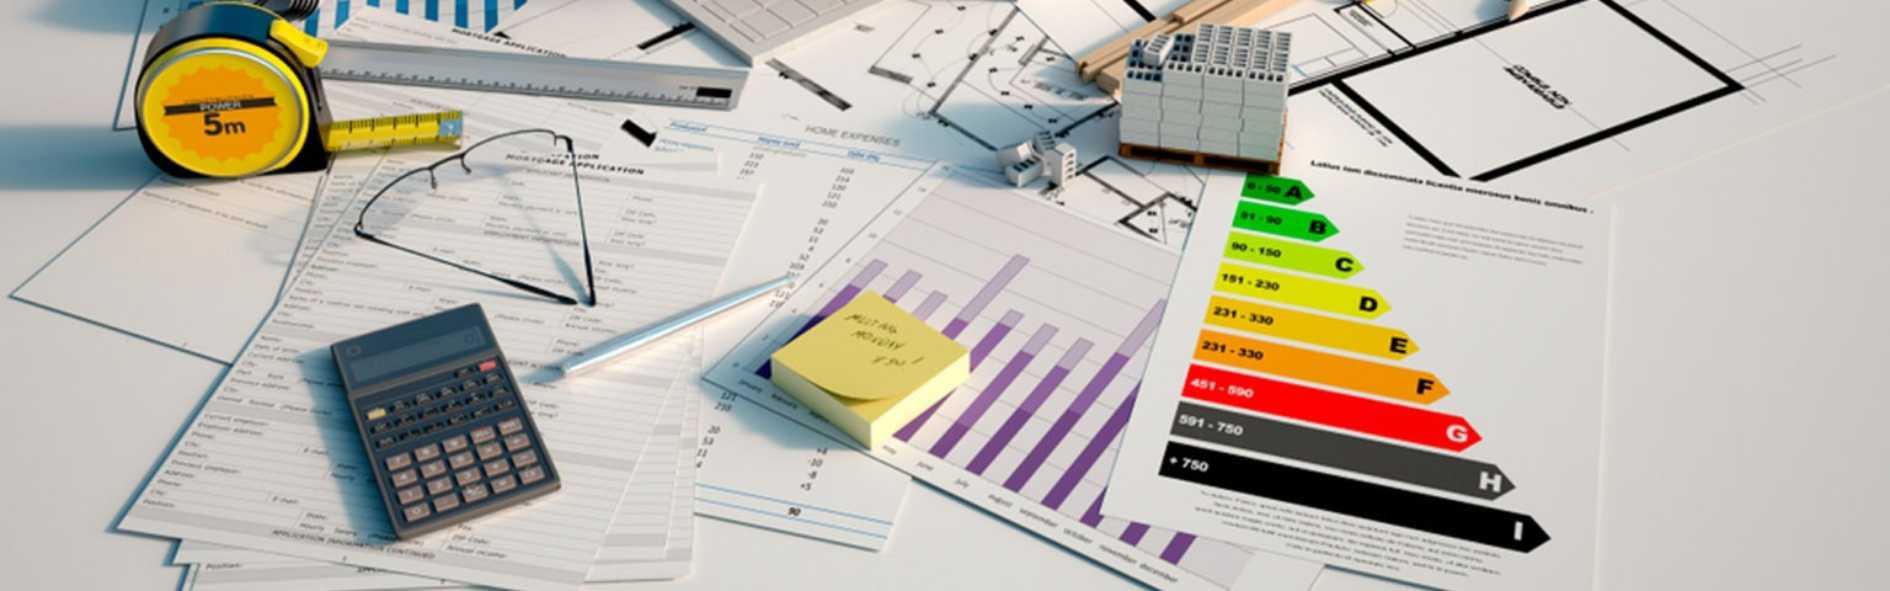 La calificación energética y su importancia